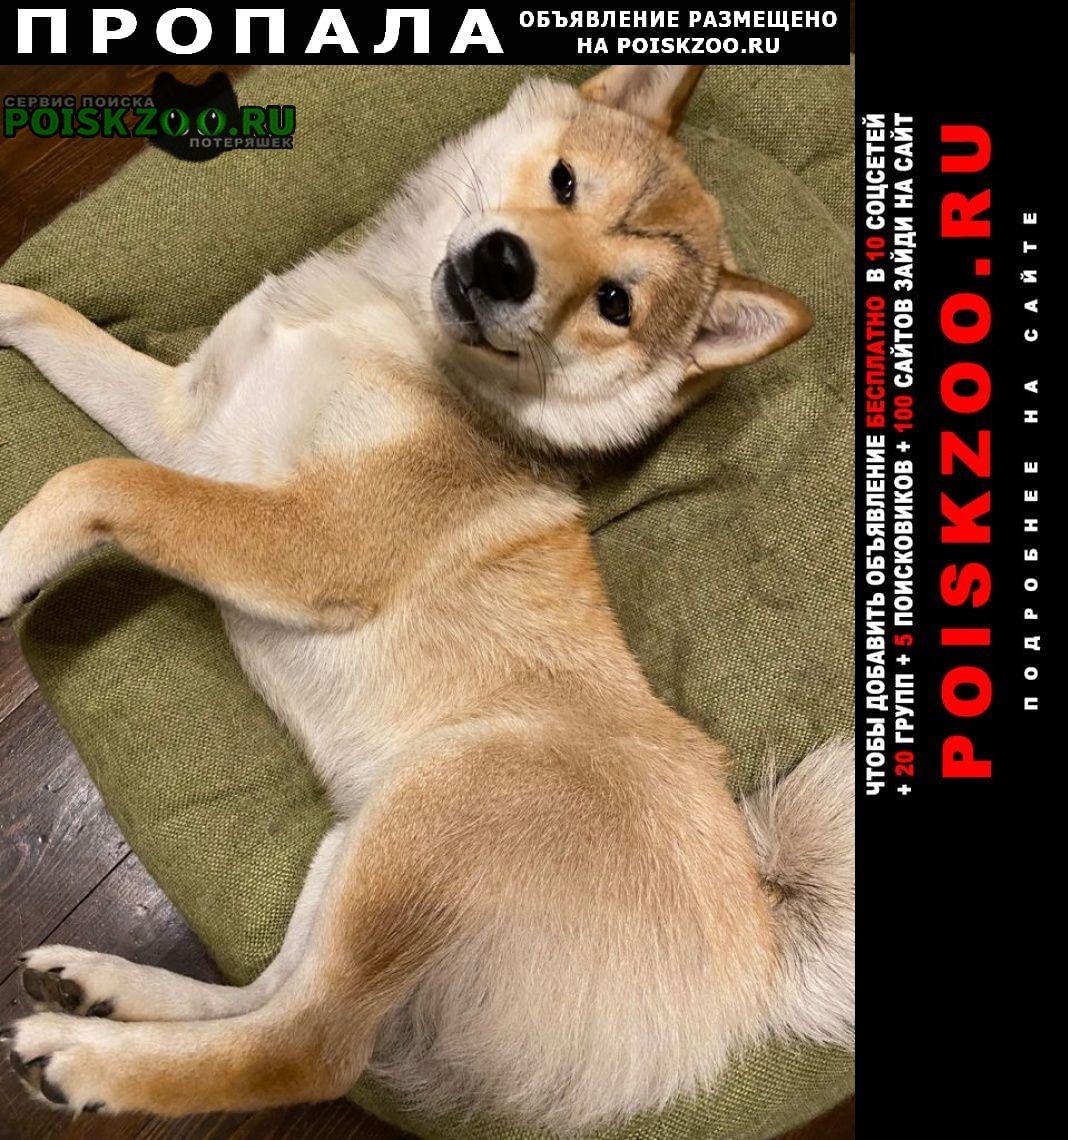 Пропала собака порода сиба-ину Удельная